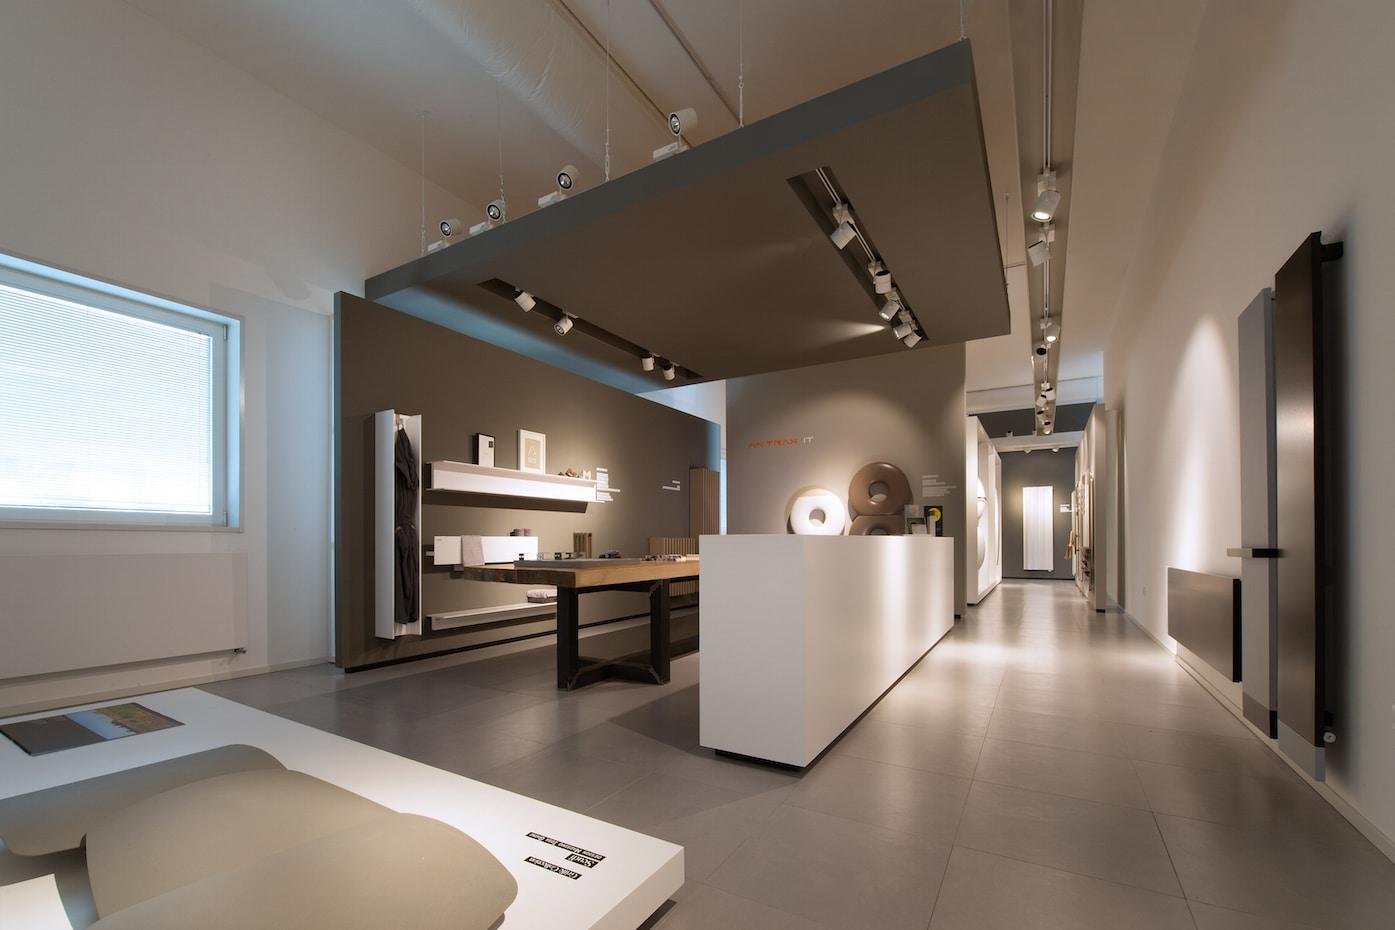 Antrax IT showroom